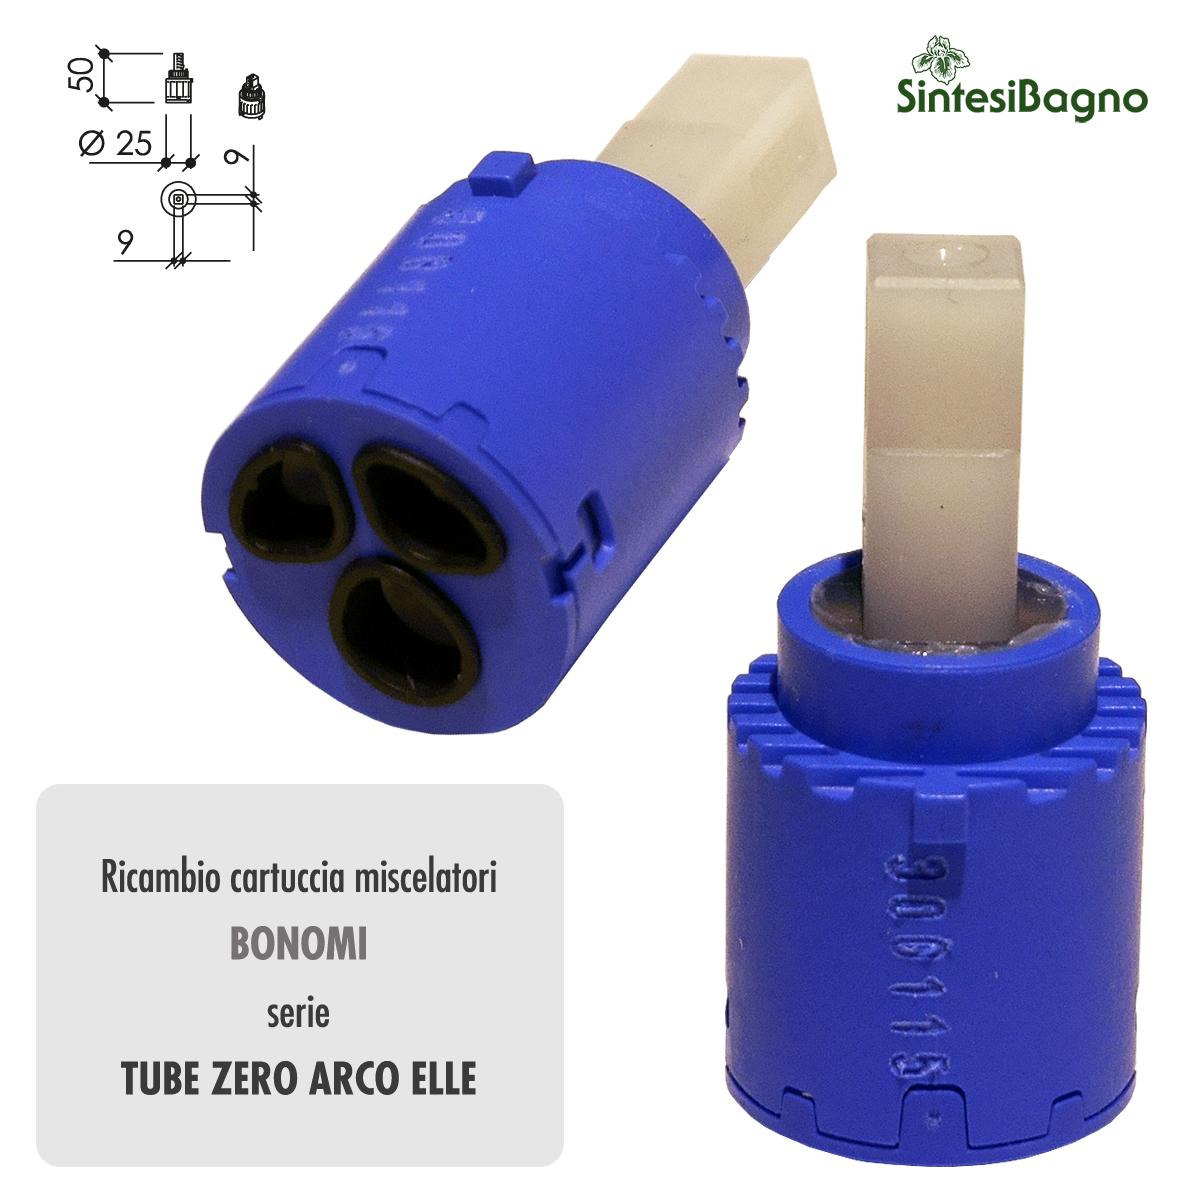 Cartuccia ceramica BONOMI Ø mm 25 per rubinetterie TUBE ZERO ARCO ELLE